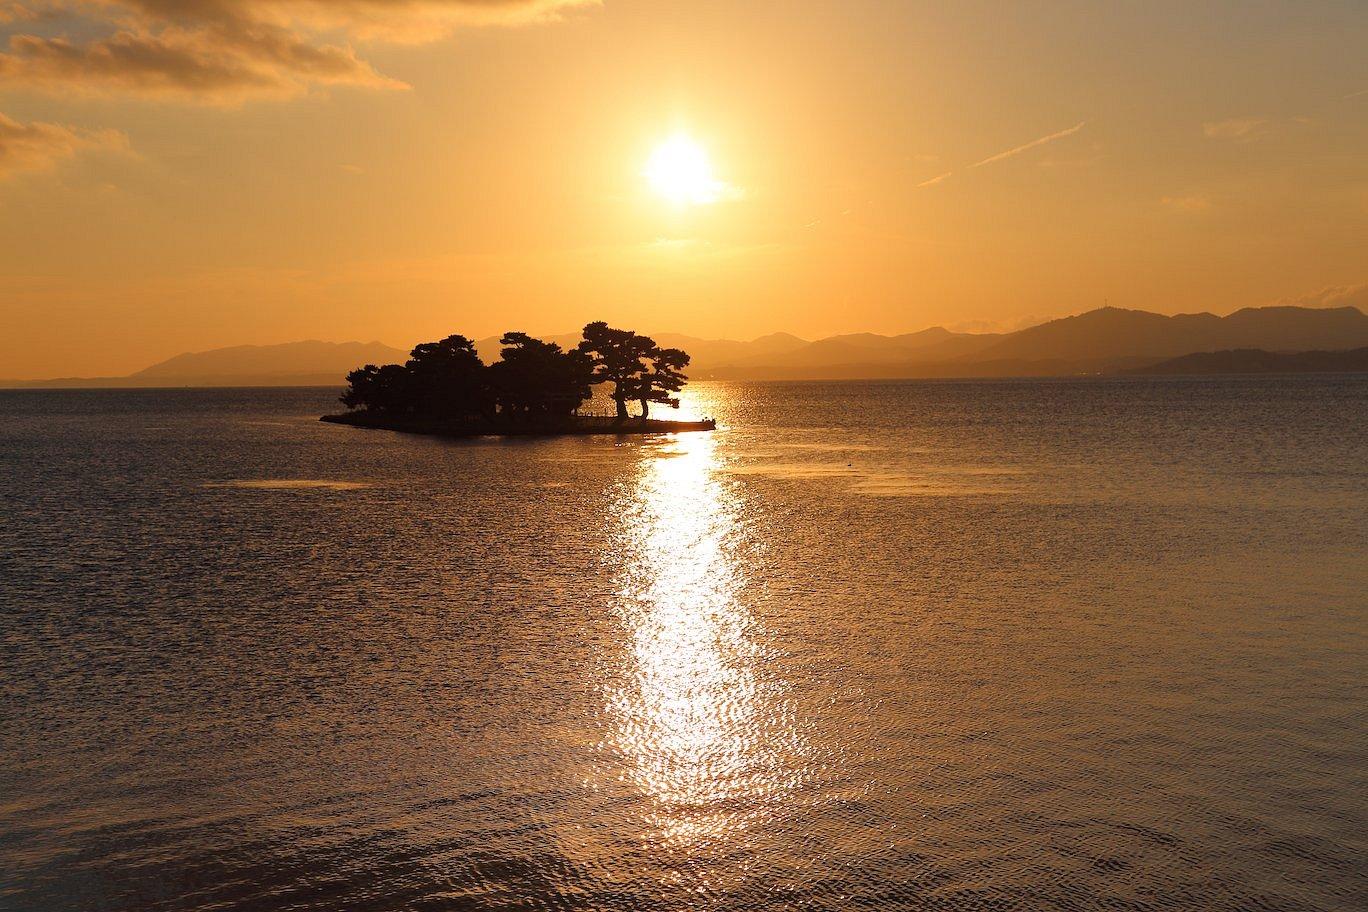 嫁ヶ島に沈む夕日